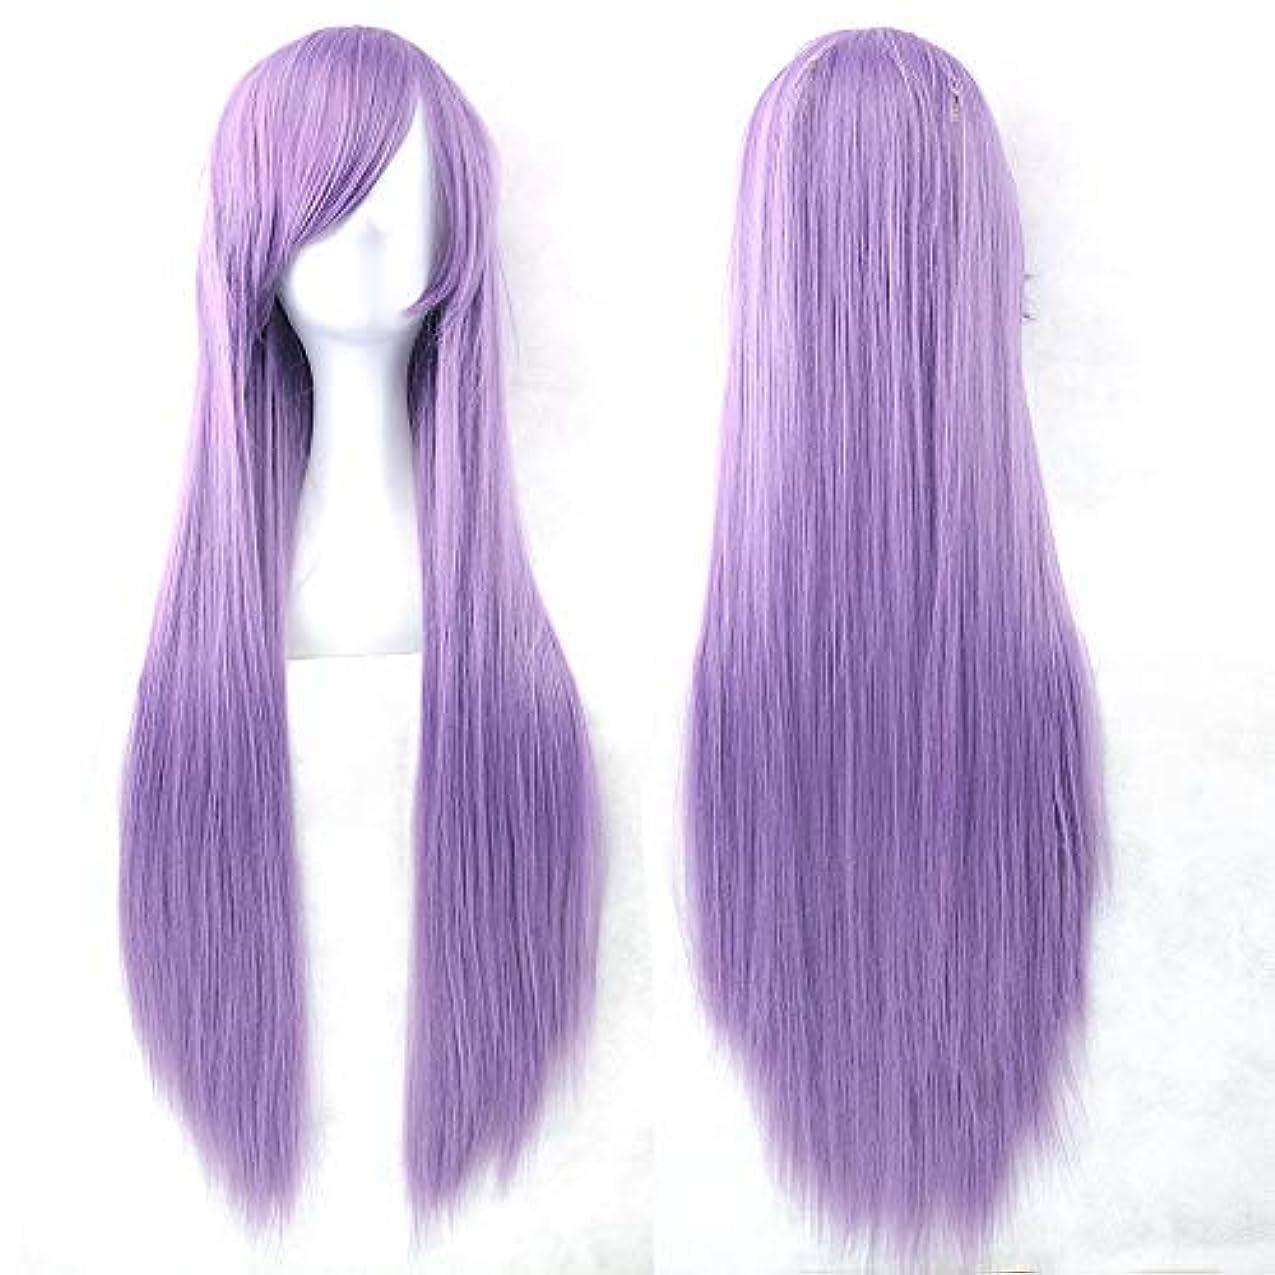 バランス頼む衝撃女性用ロングナチュラルストレートウィッグ31インチ人工毛替えウィッグサイド別れハロウィンコスプレ衣装アニメパーティーロリータウィッグ (Color : 紫の)